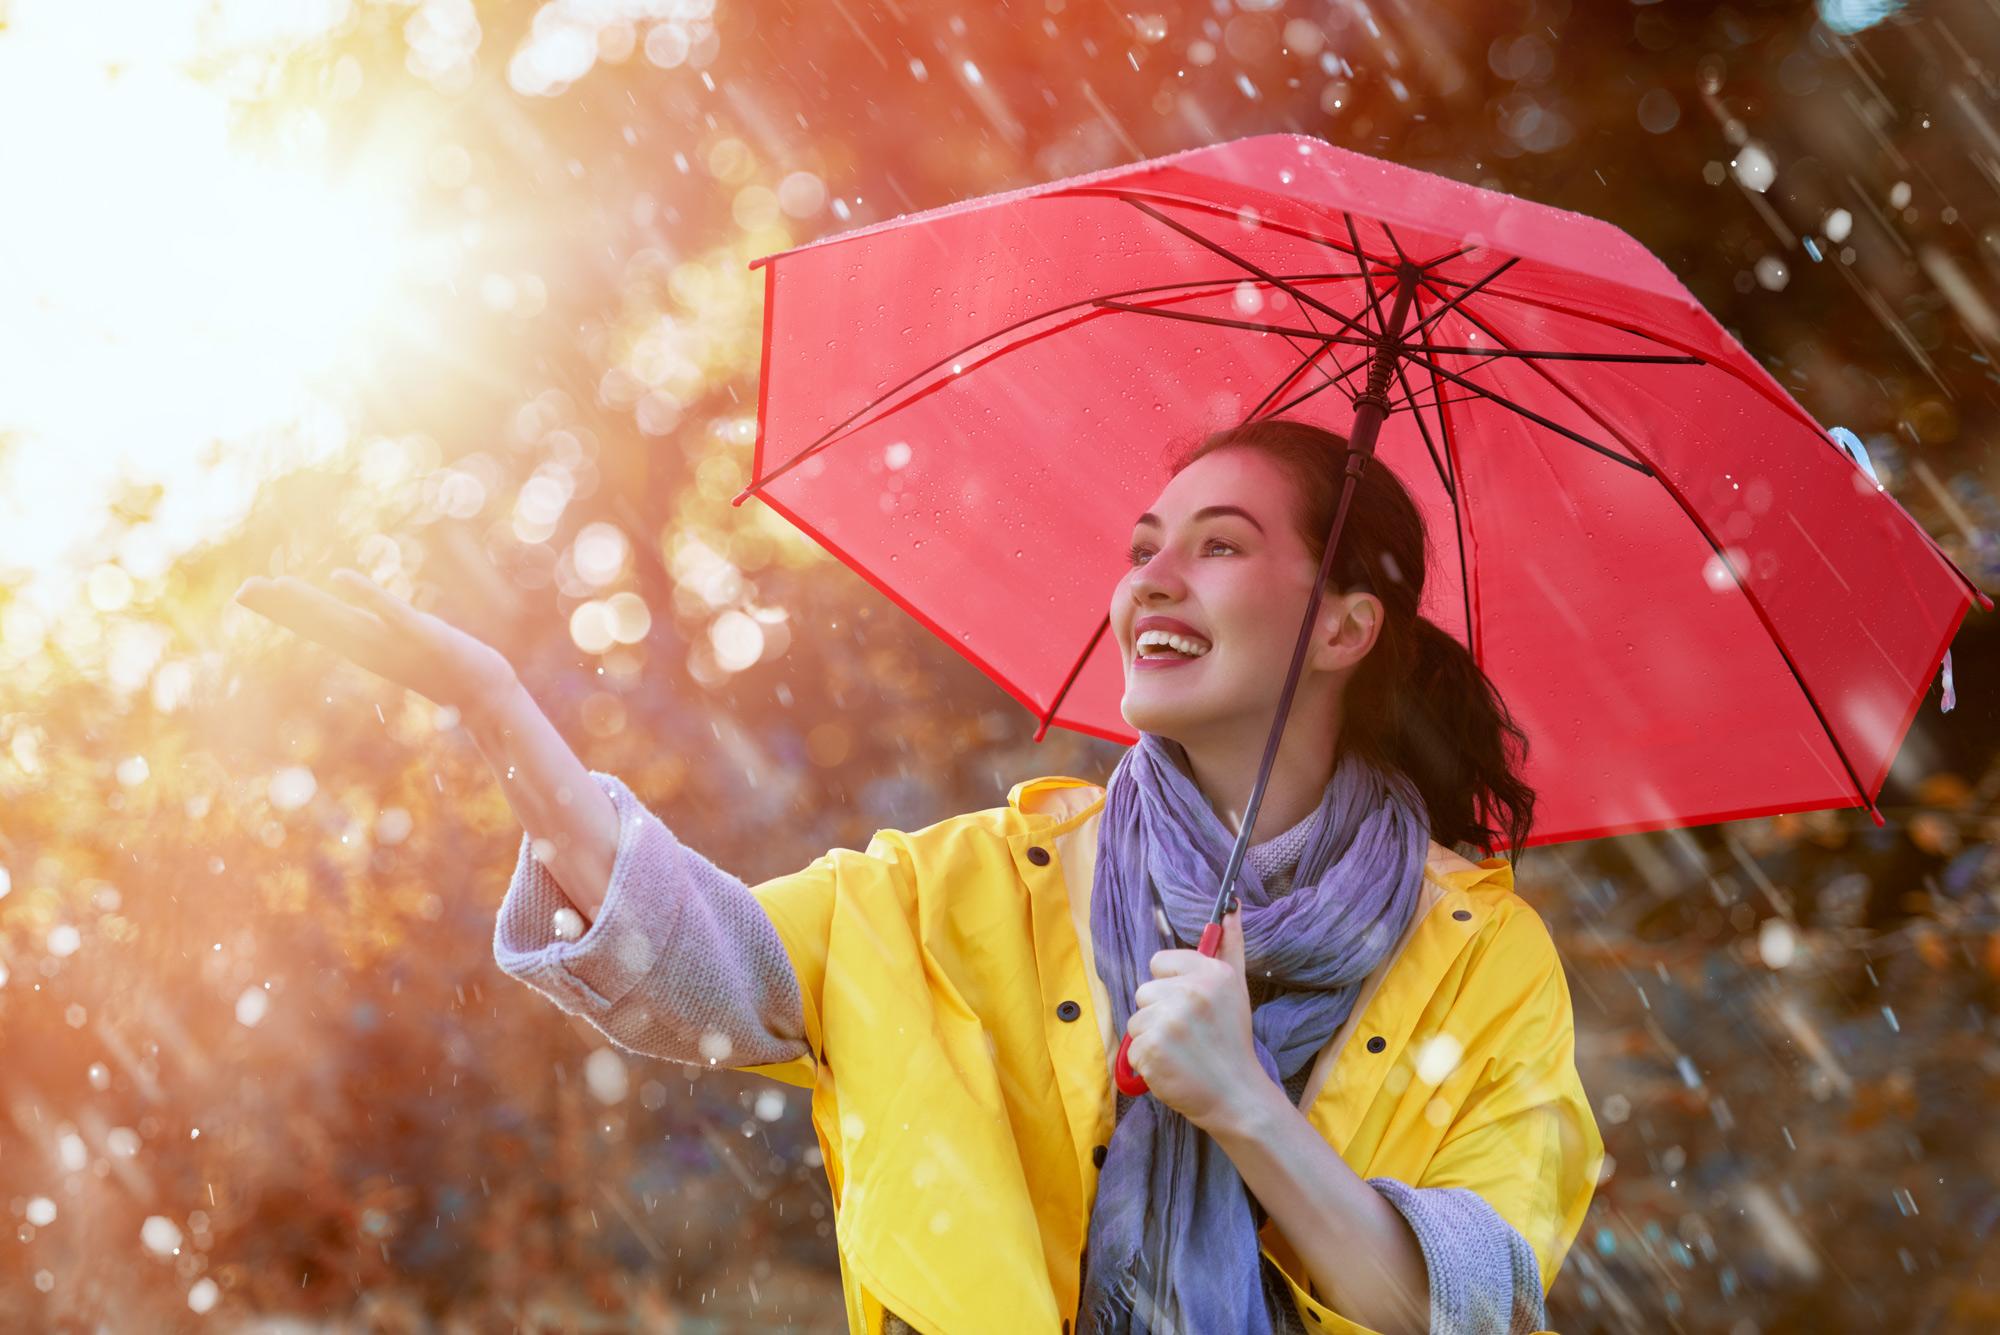 waterproof_vs_waterresistant_raincoats_mycra_pac.jpg